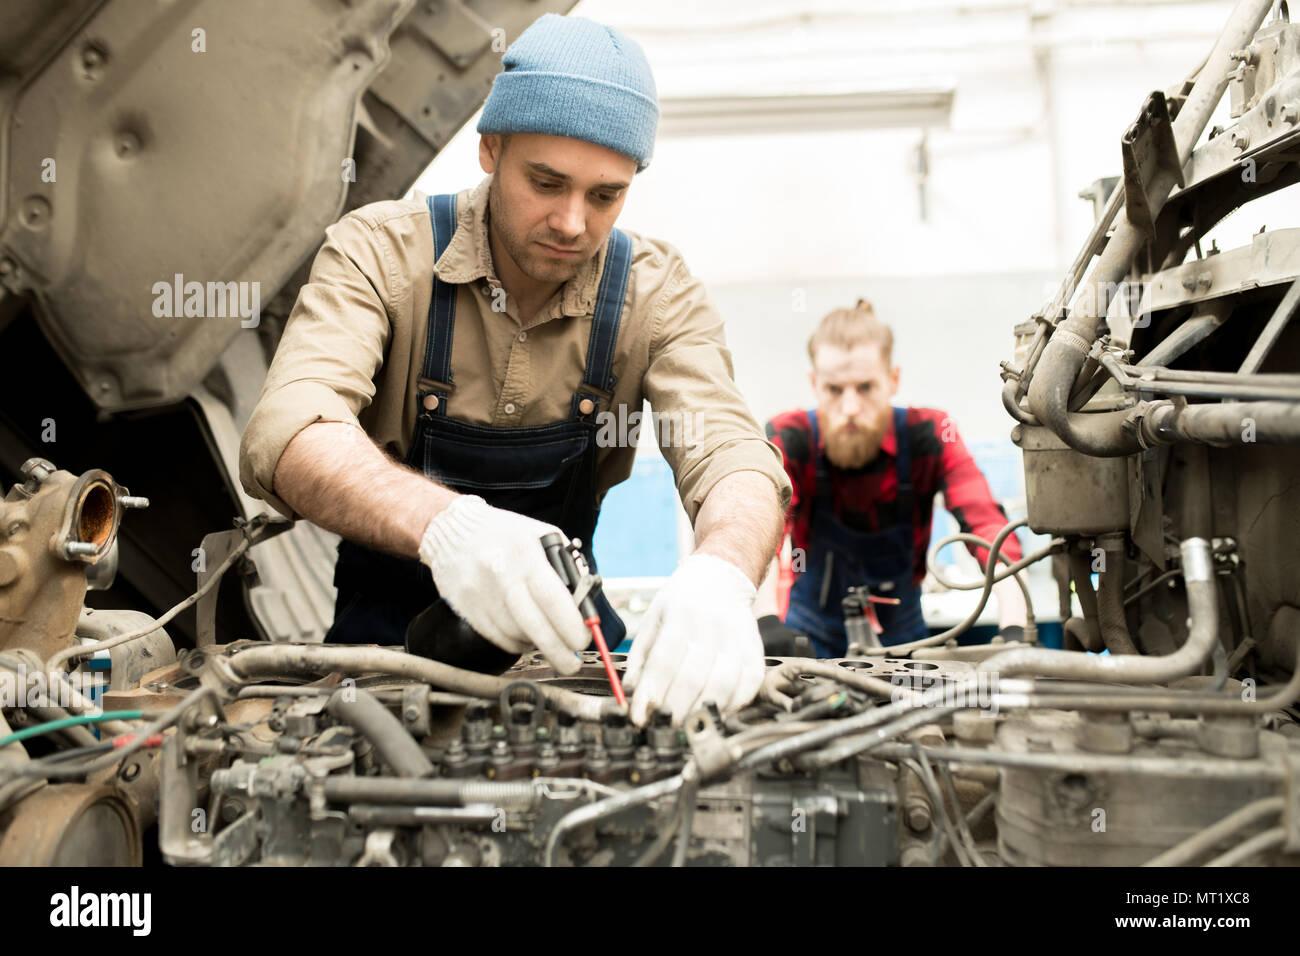 Auto Mechanic Repairing Truck - Stock Image